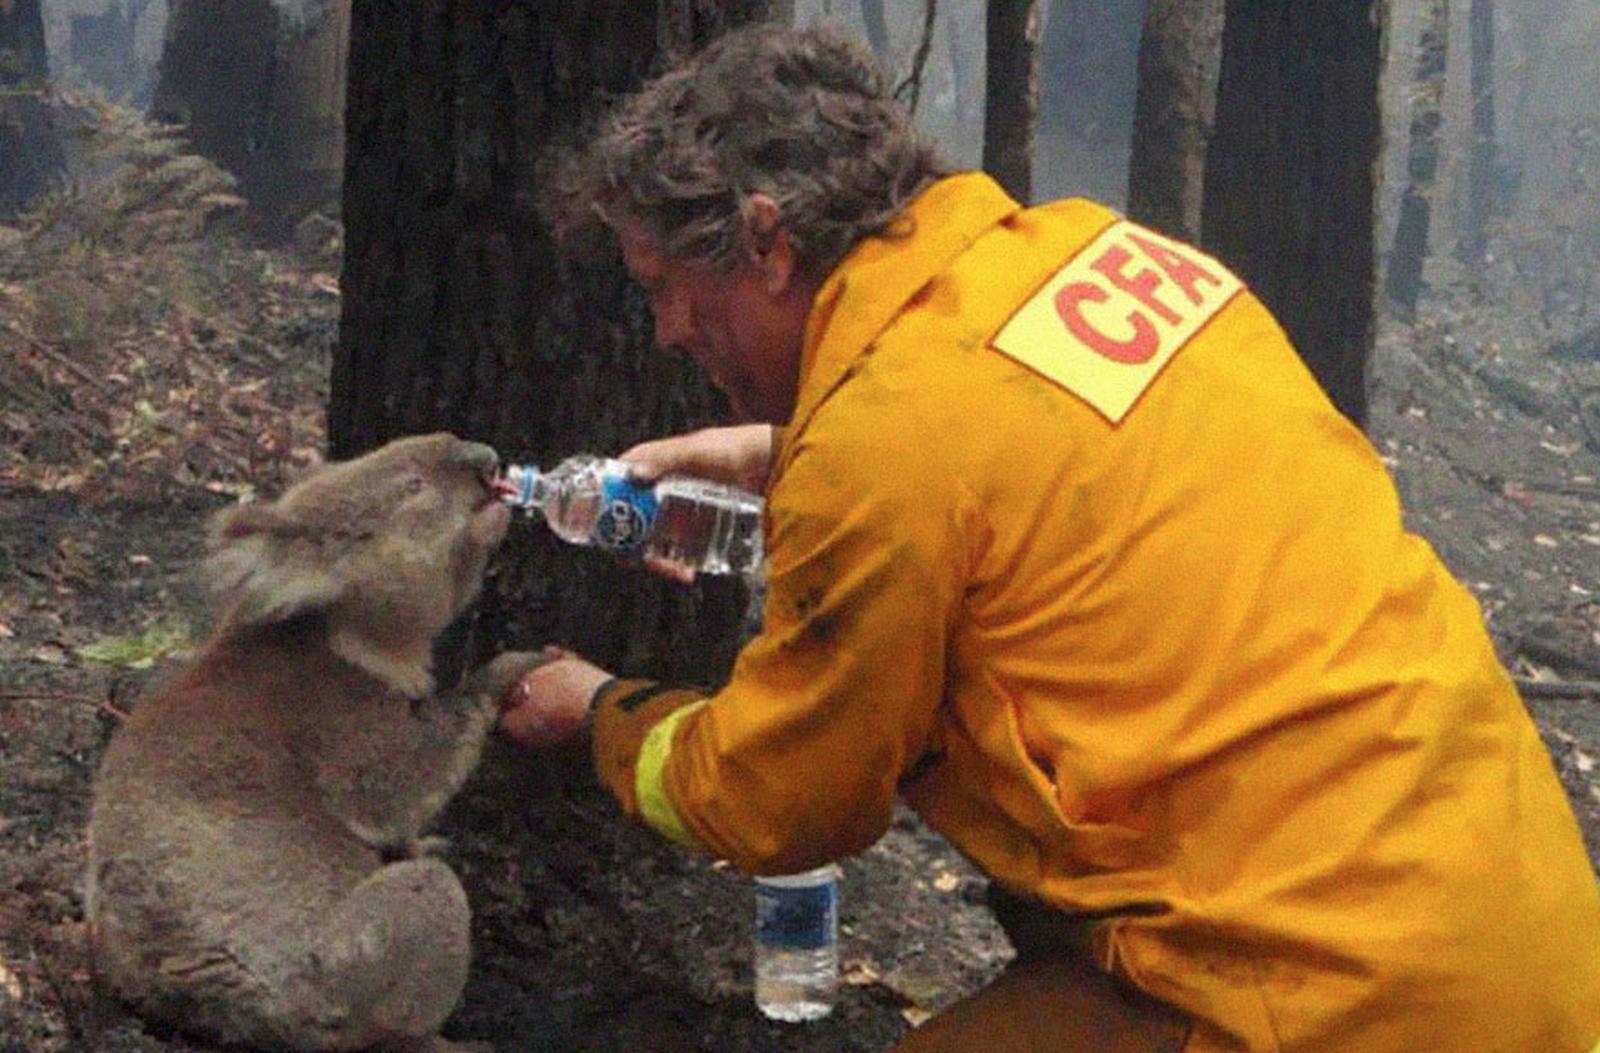 Trong trận cháy rừng Black Saturday tàn phá khắp bang Victoria, Úc vào năm 2009, một người lính cứu hoả trong lúc làm nhiệm vụđã dừng lại cho chú Koala uống nước, chú đã uống 1 hơi 3 bình nước. Hình ảnh này sau đó đã lan rộng trên Internet, người ta tán dương và thán phục hành động cao đẹp của vị lính cứu hoả, chỉ cần đólà sinh mạng đang tồn tạithì phải cứu giúp, bất kểngười hay động vật.